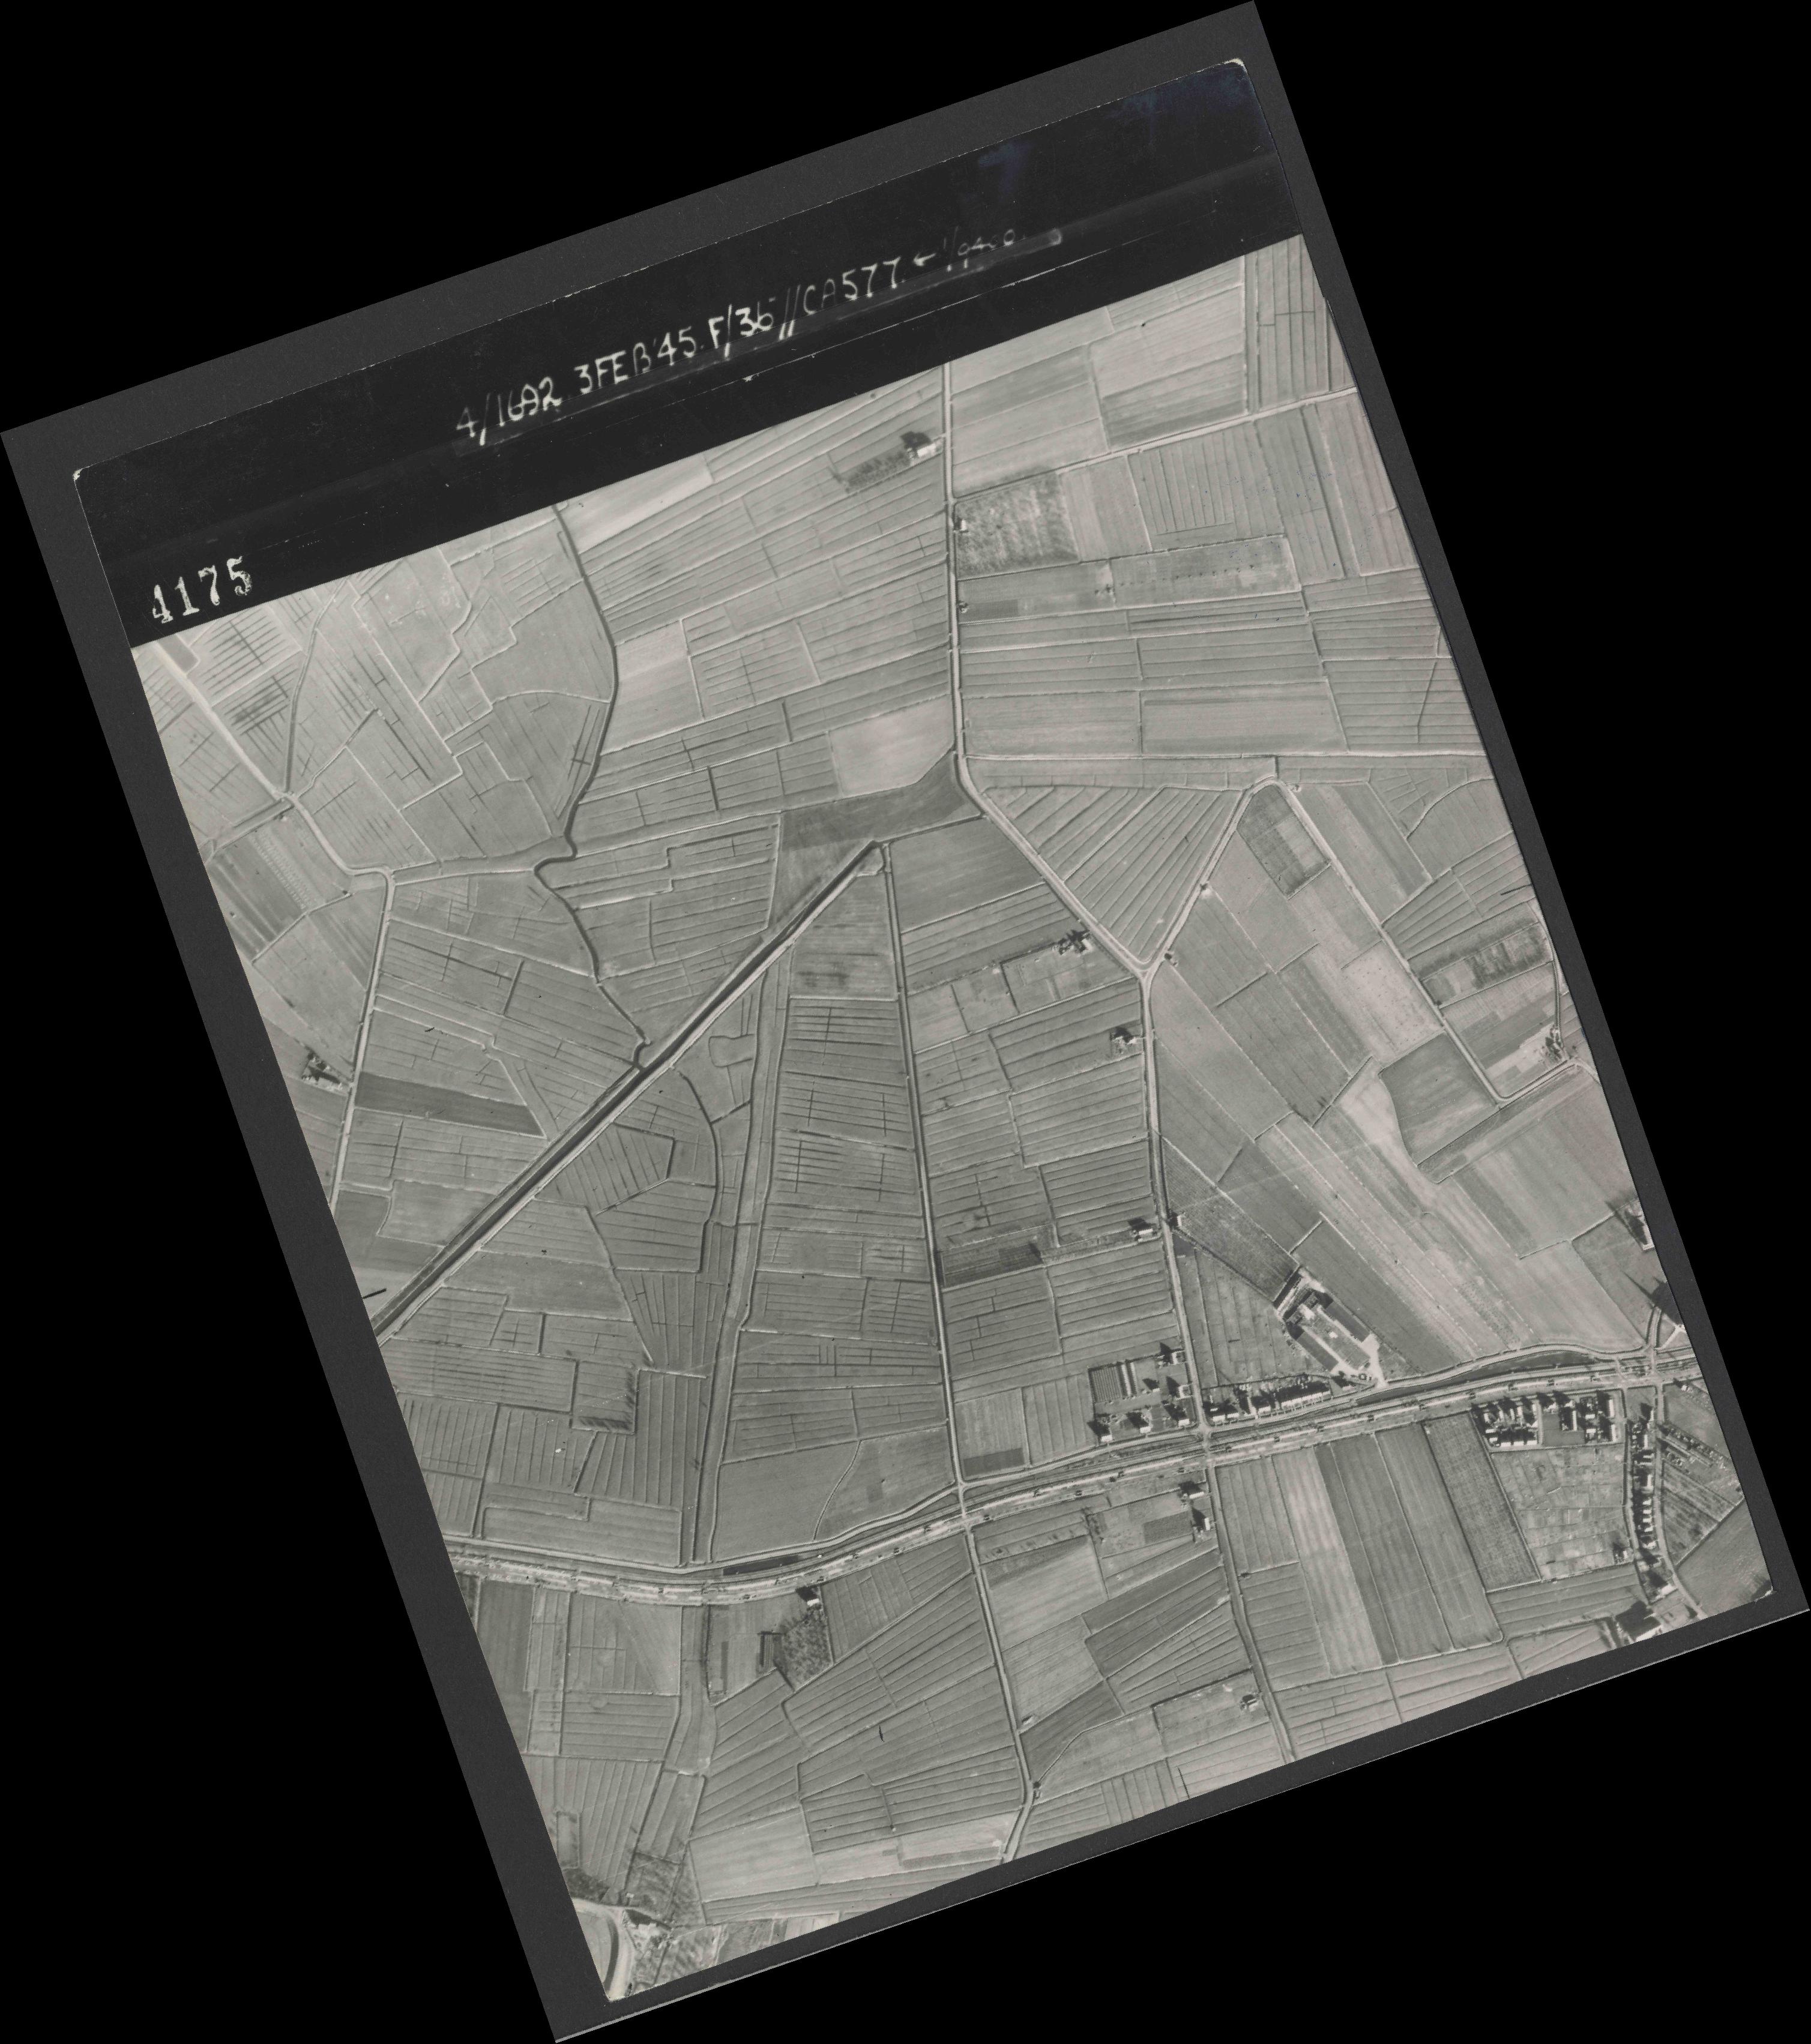 Collection RAF aerial photos 1940-1945 - flight 048, run 02, photo 4175